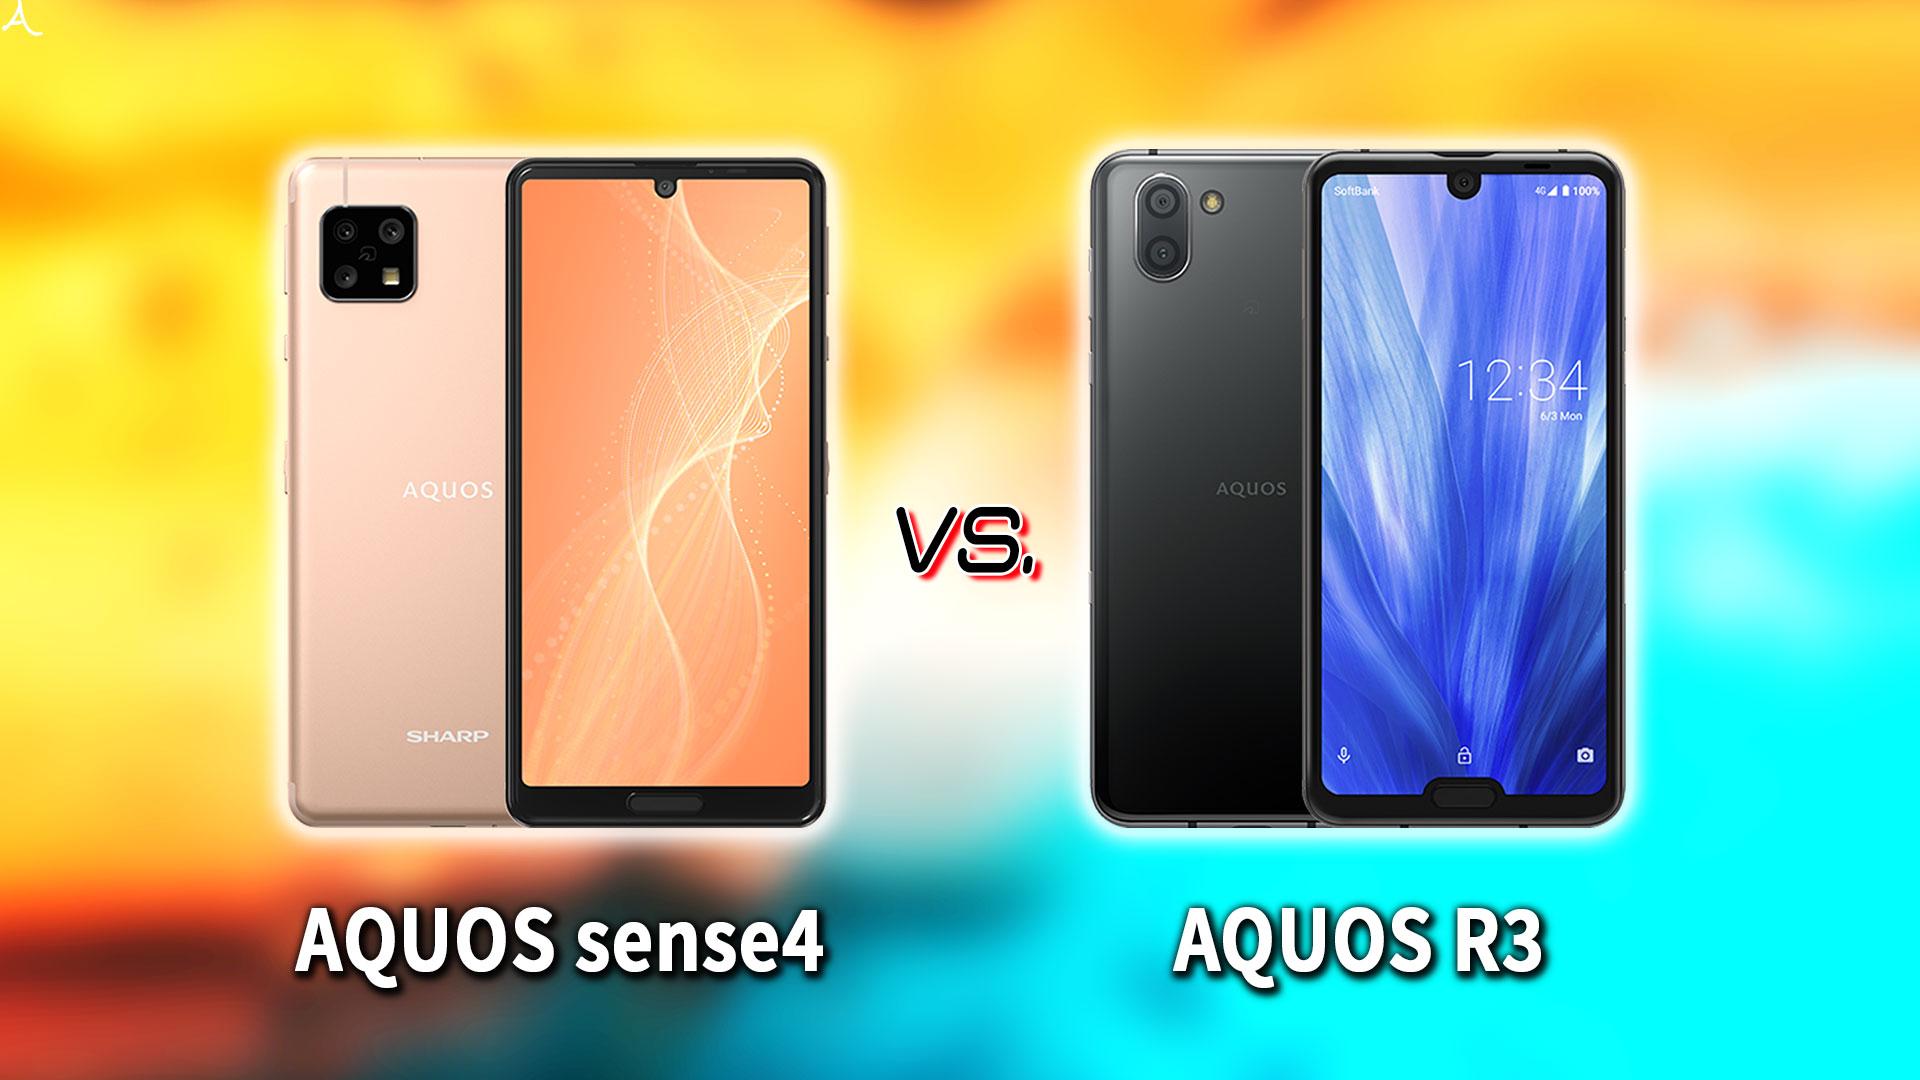 「AQUOS sense4」と「AQUOS R3」の違いを比較:どっちを買う?